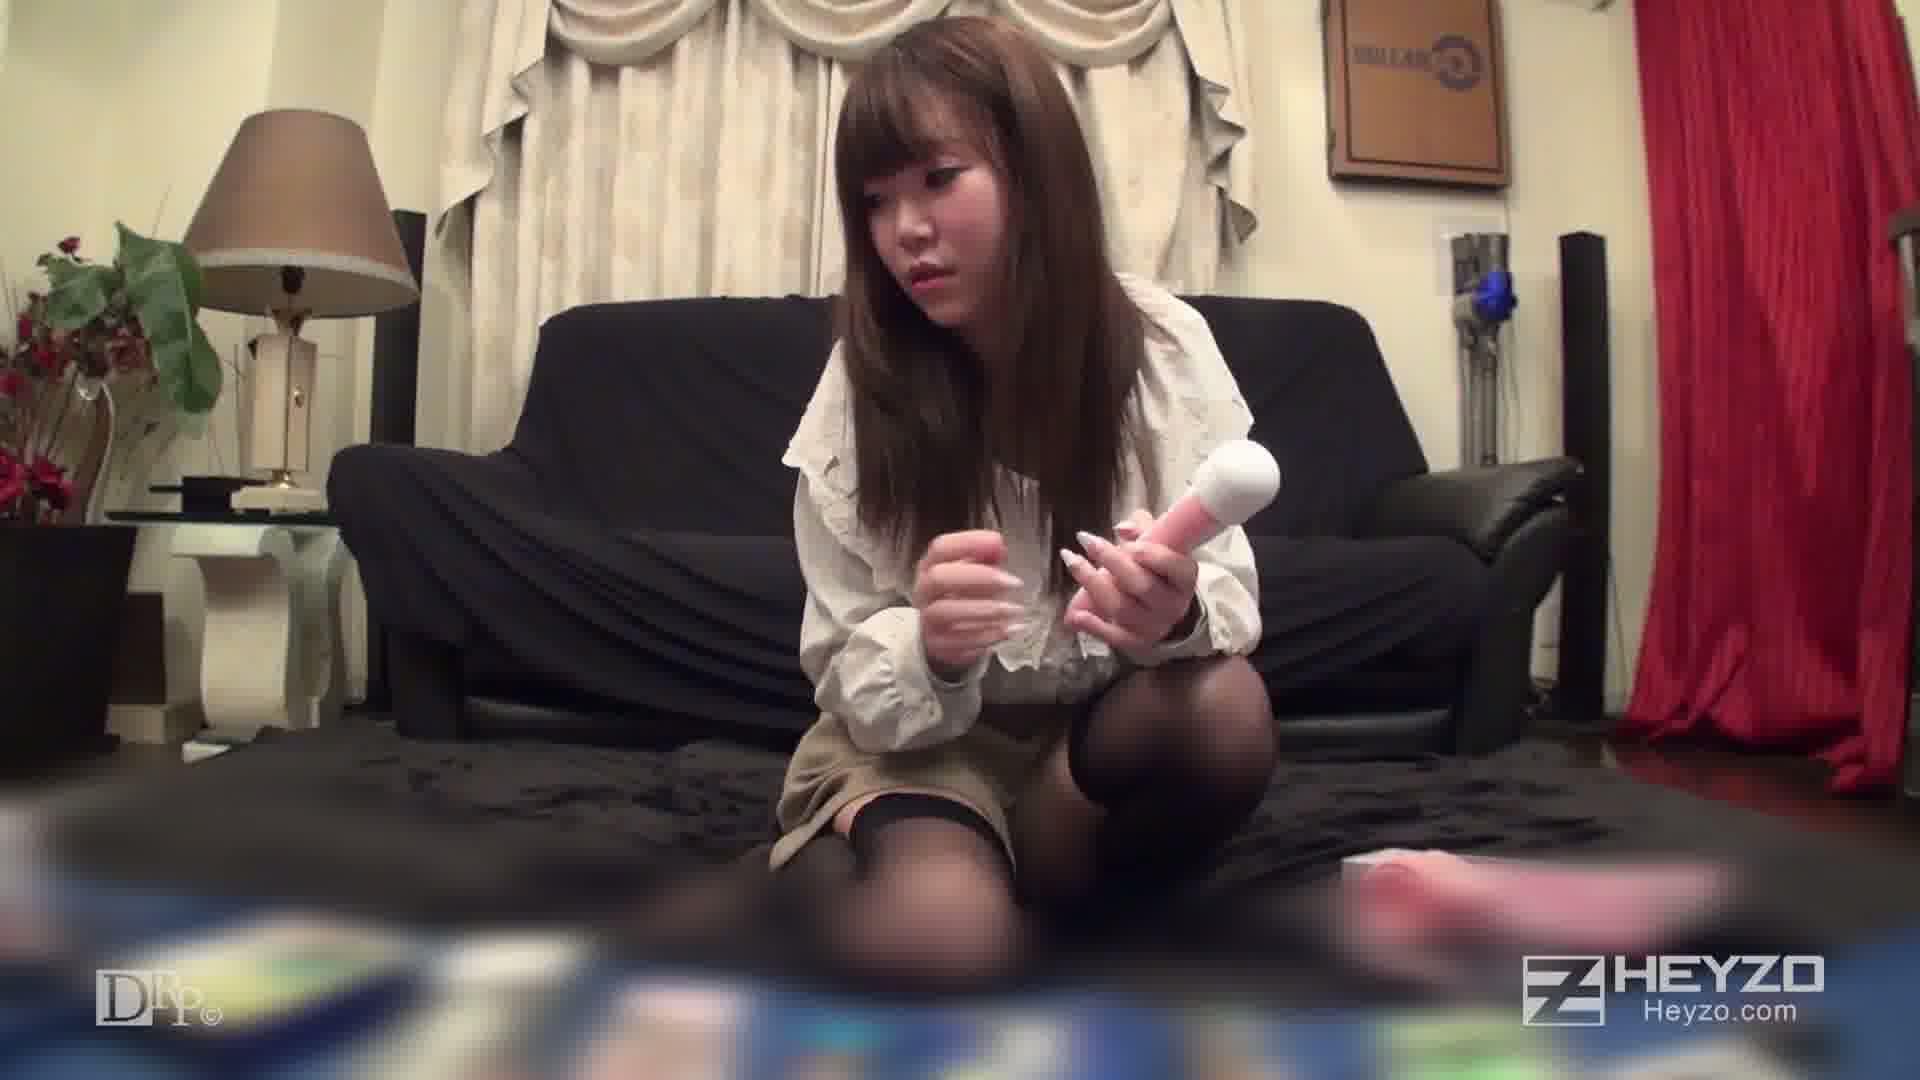 流れで中出しされまくる素人  後編 - 湯川あゆみ【オナニー おもちゃ】